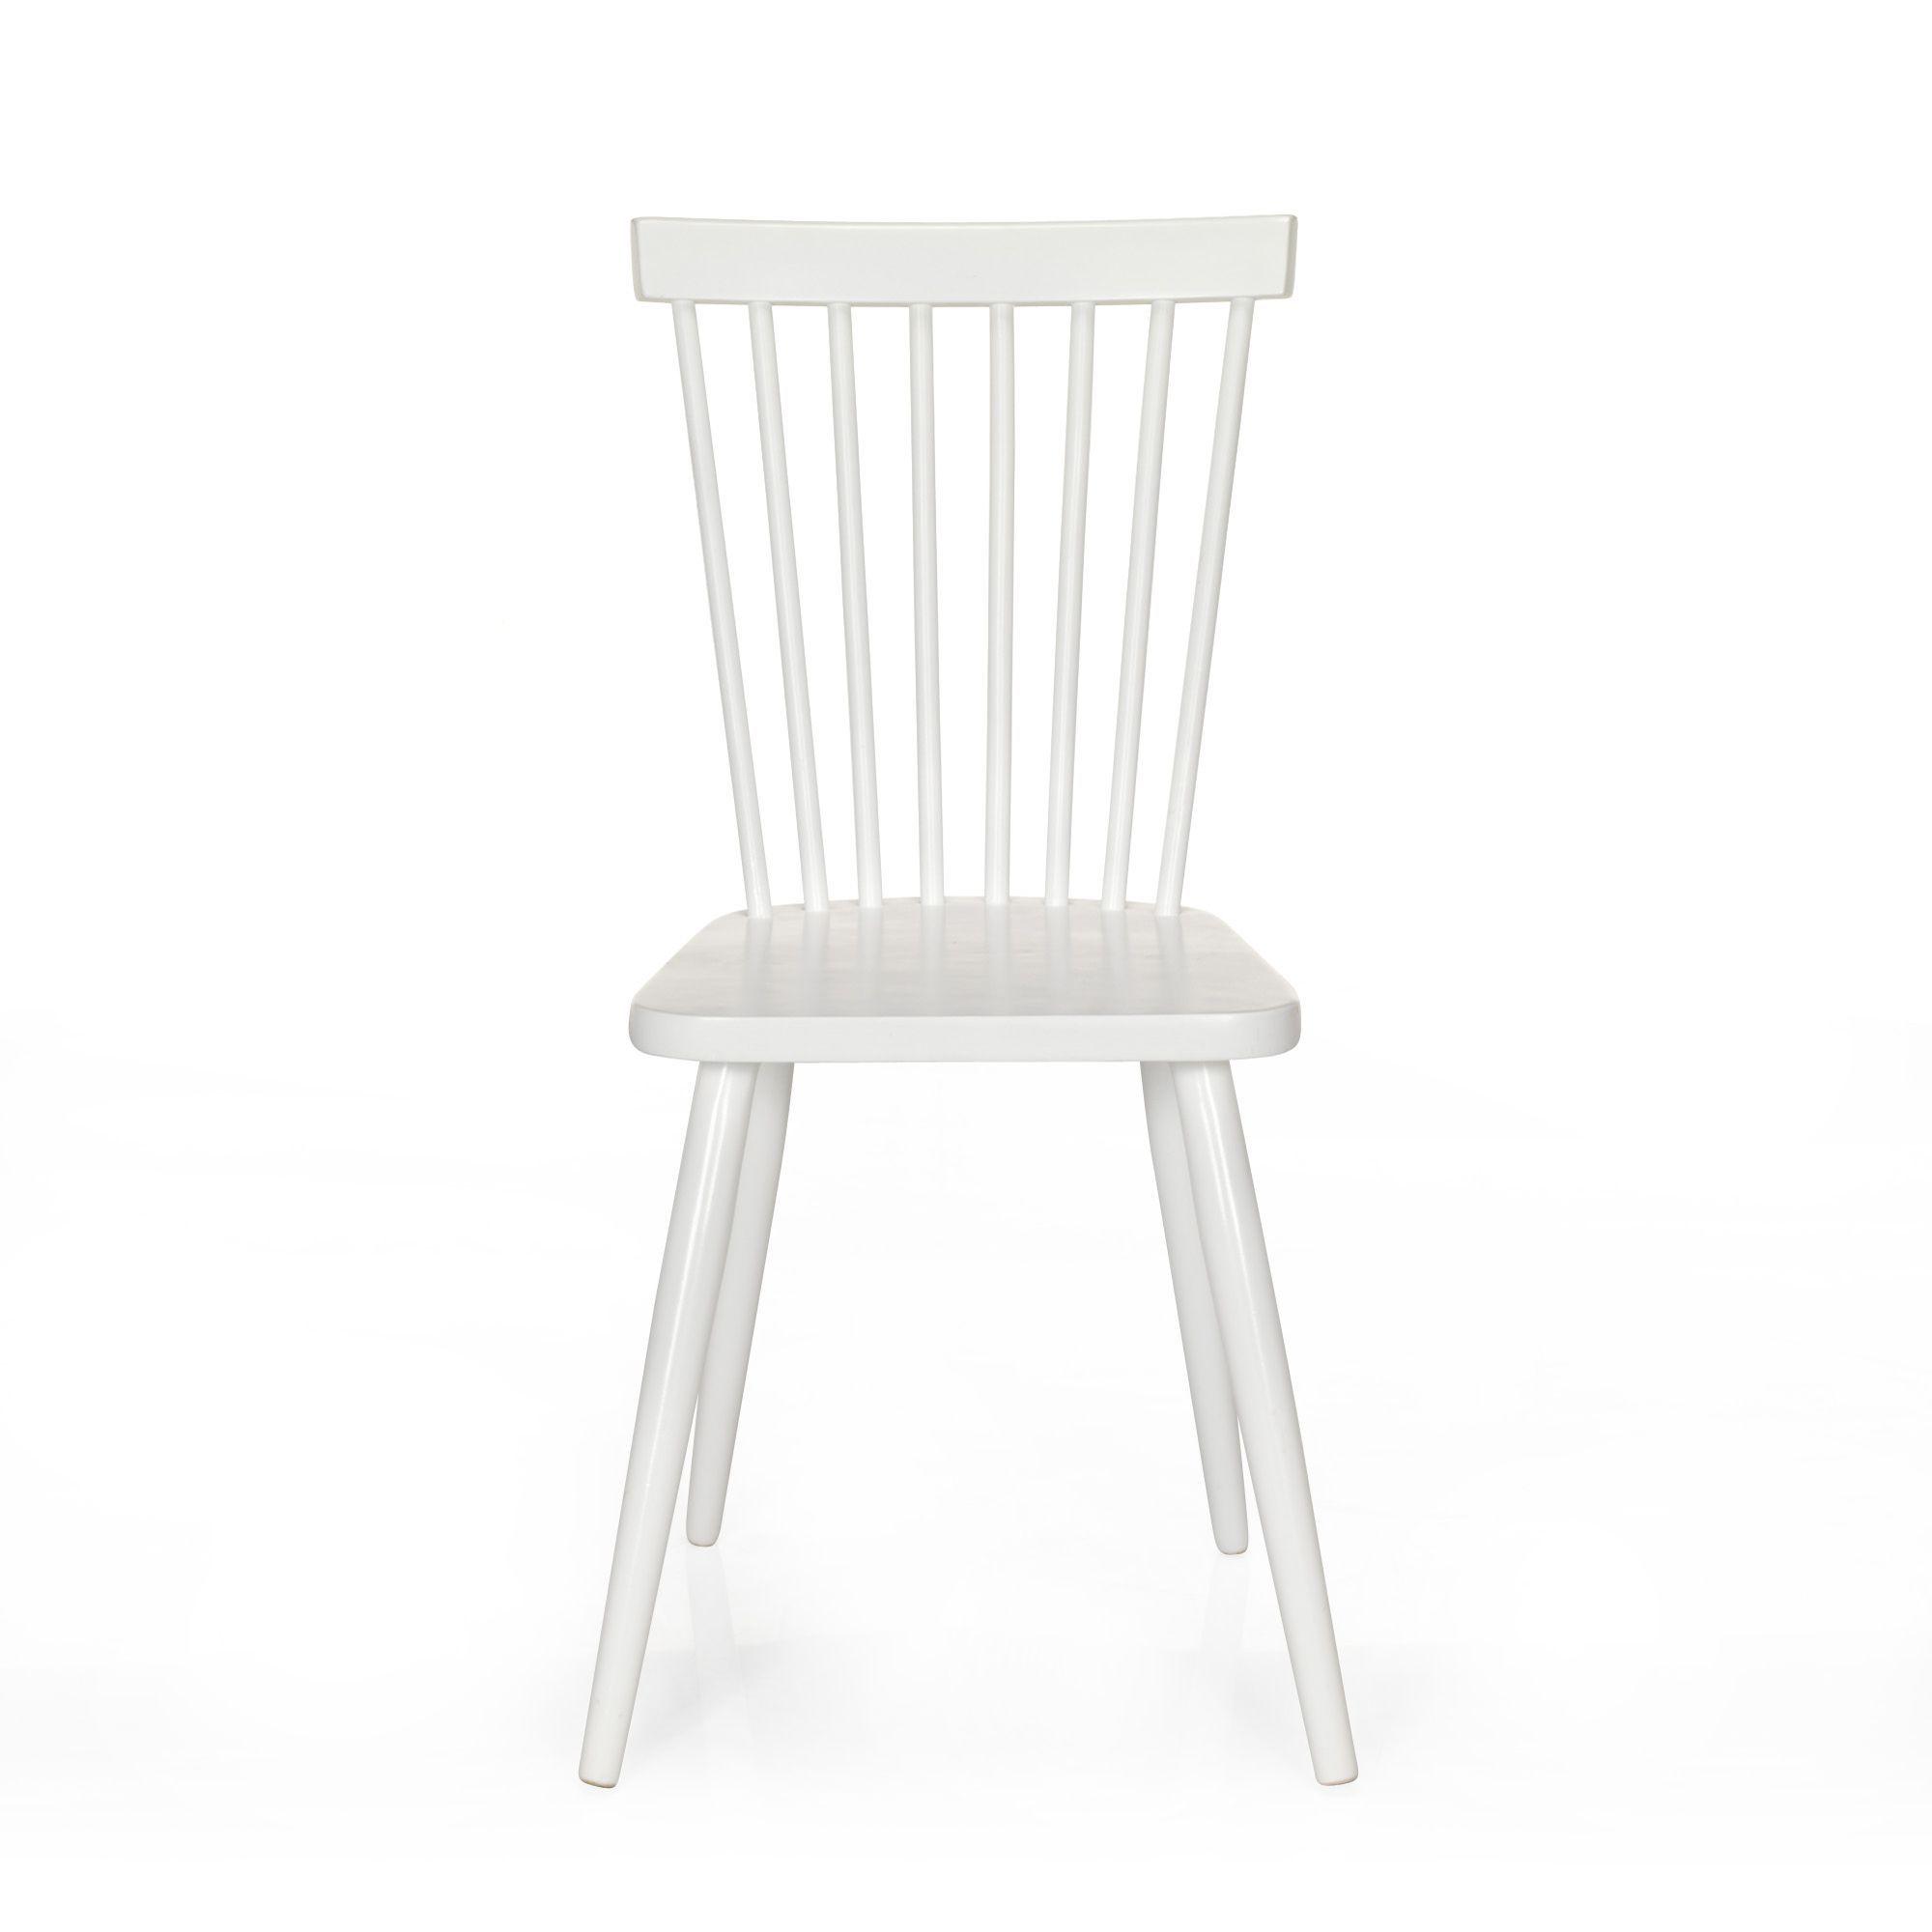 Chaise vintage blanche Blanc - Cleo - Chaises - Tables et chaises ...